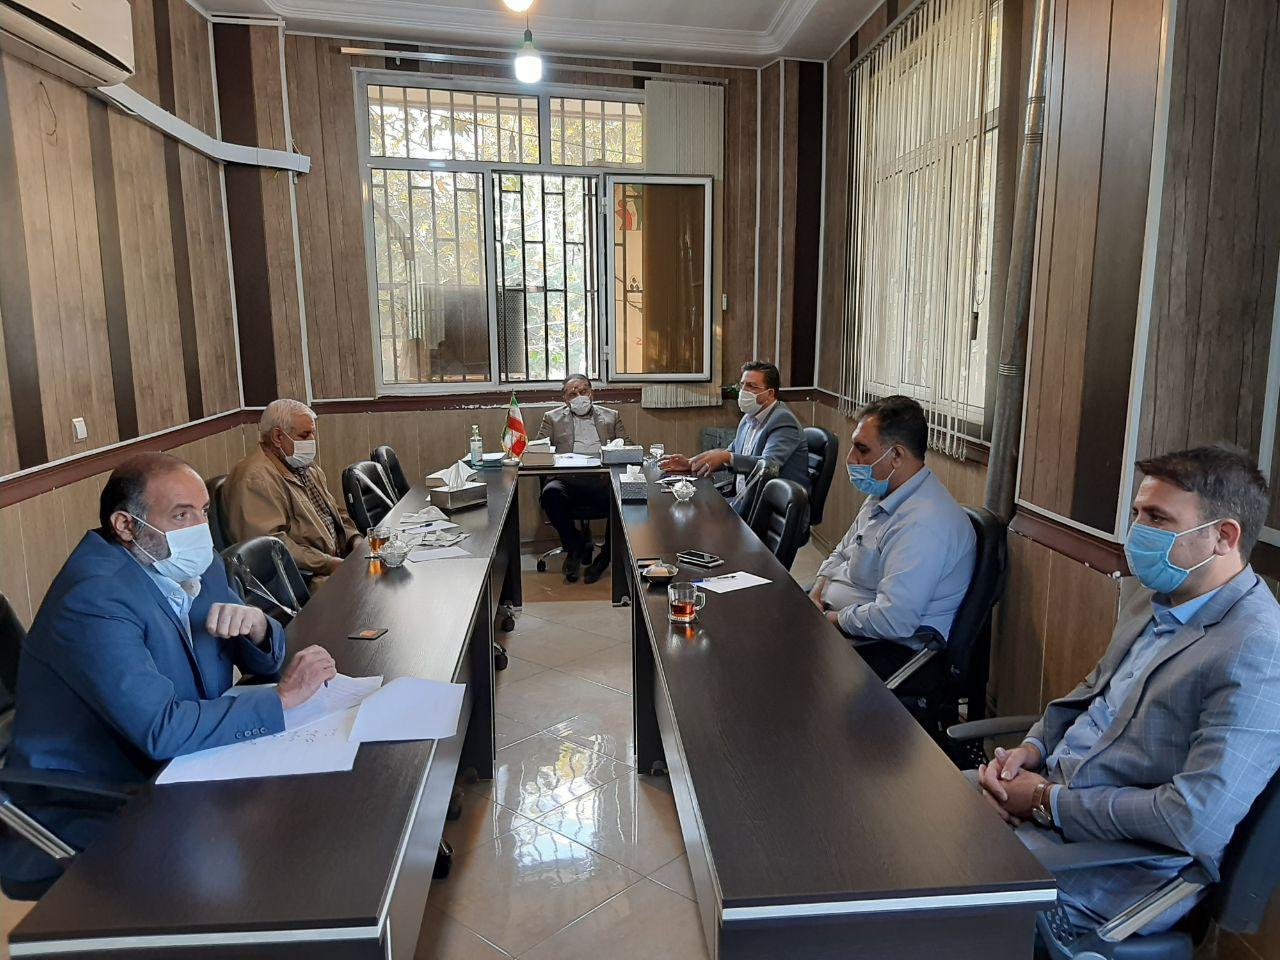 برگزاری جلسه شورای شهر احمدآباد مستوفی با حضور رییس اداره آبفا